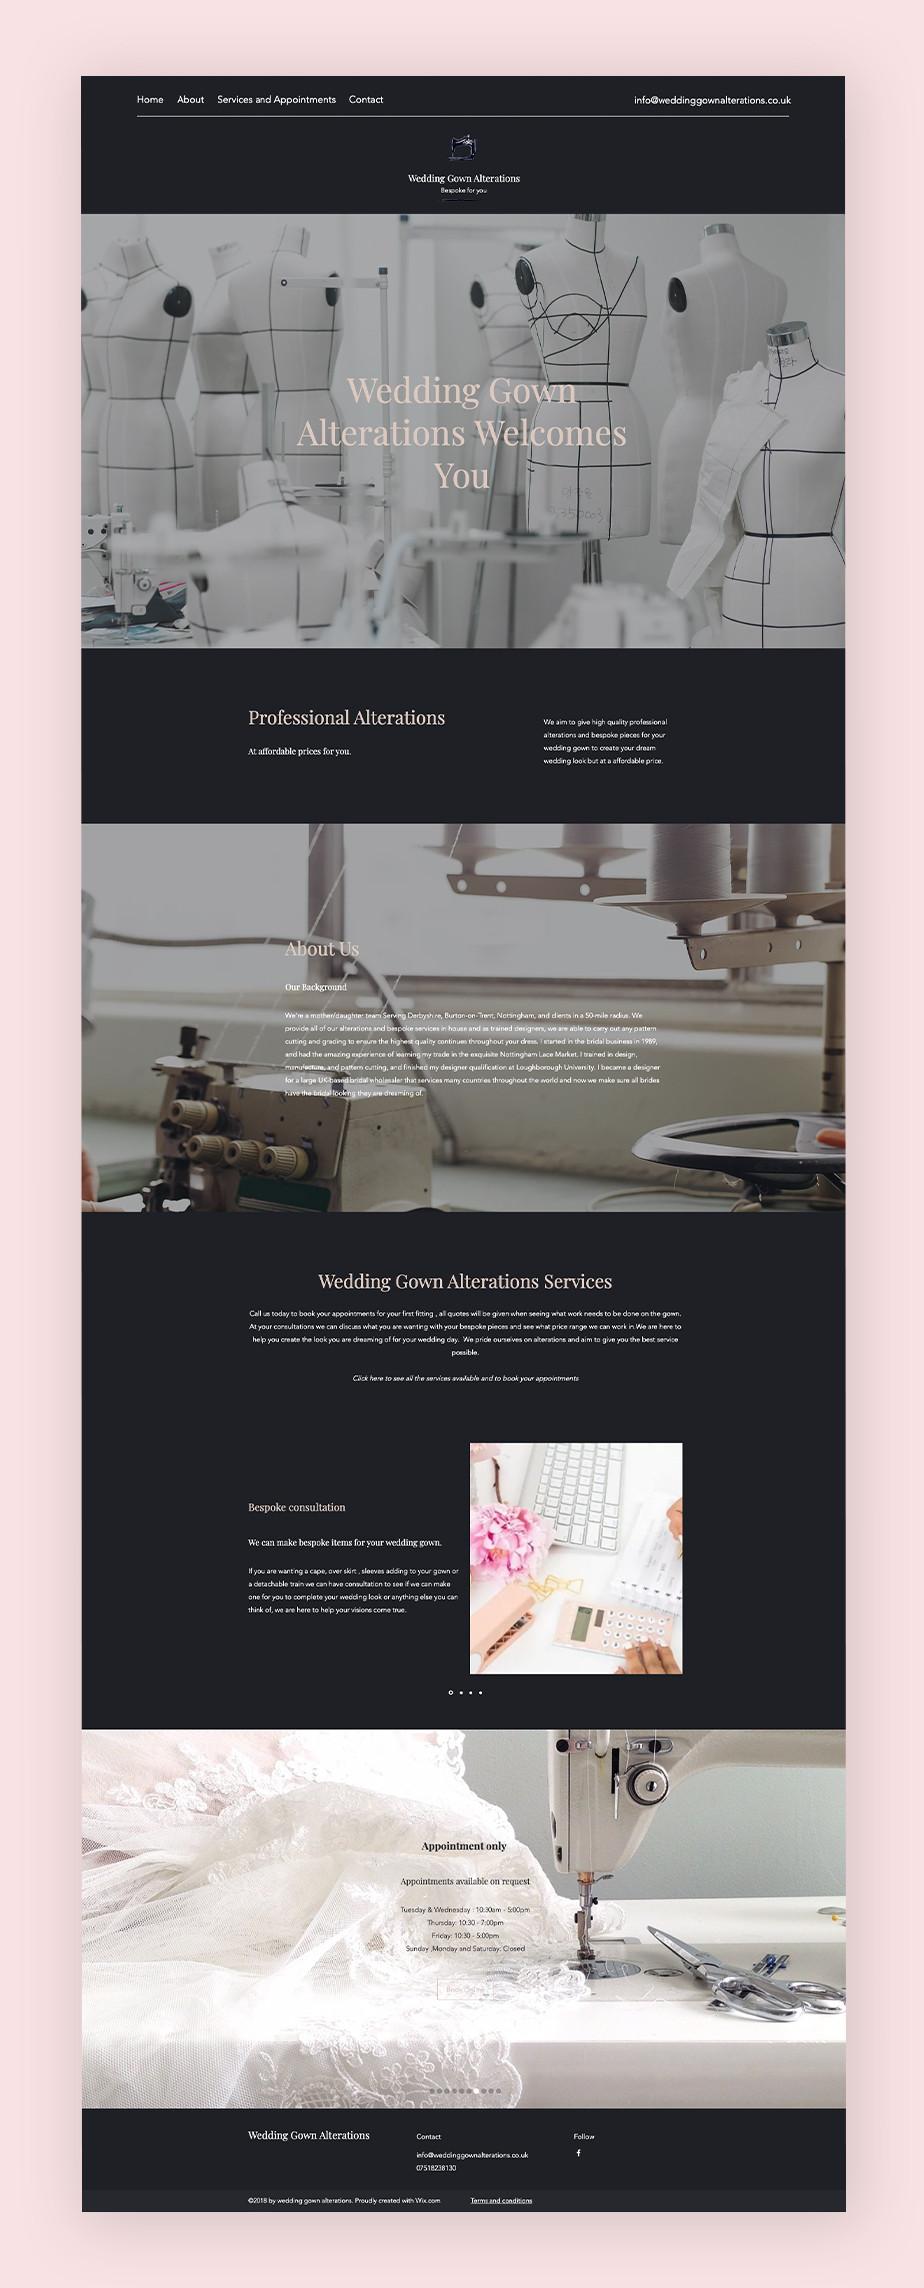 Пример сайта для перекройки свадебных платьев